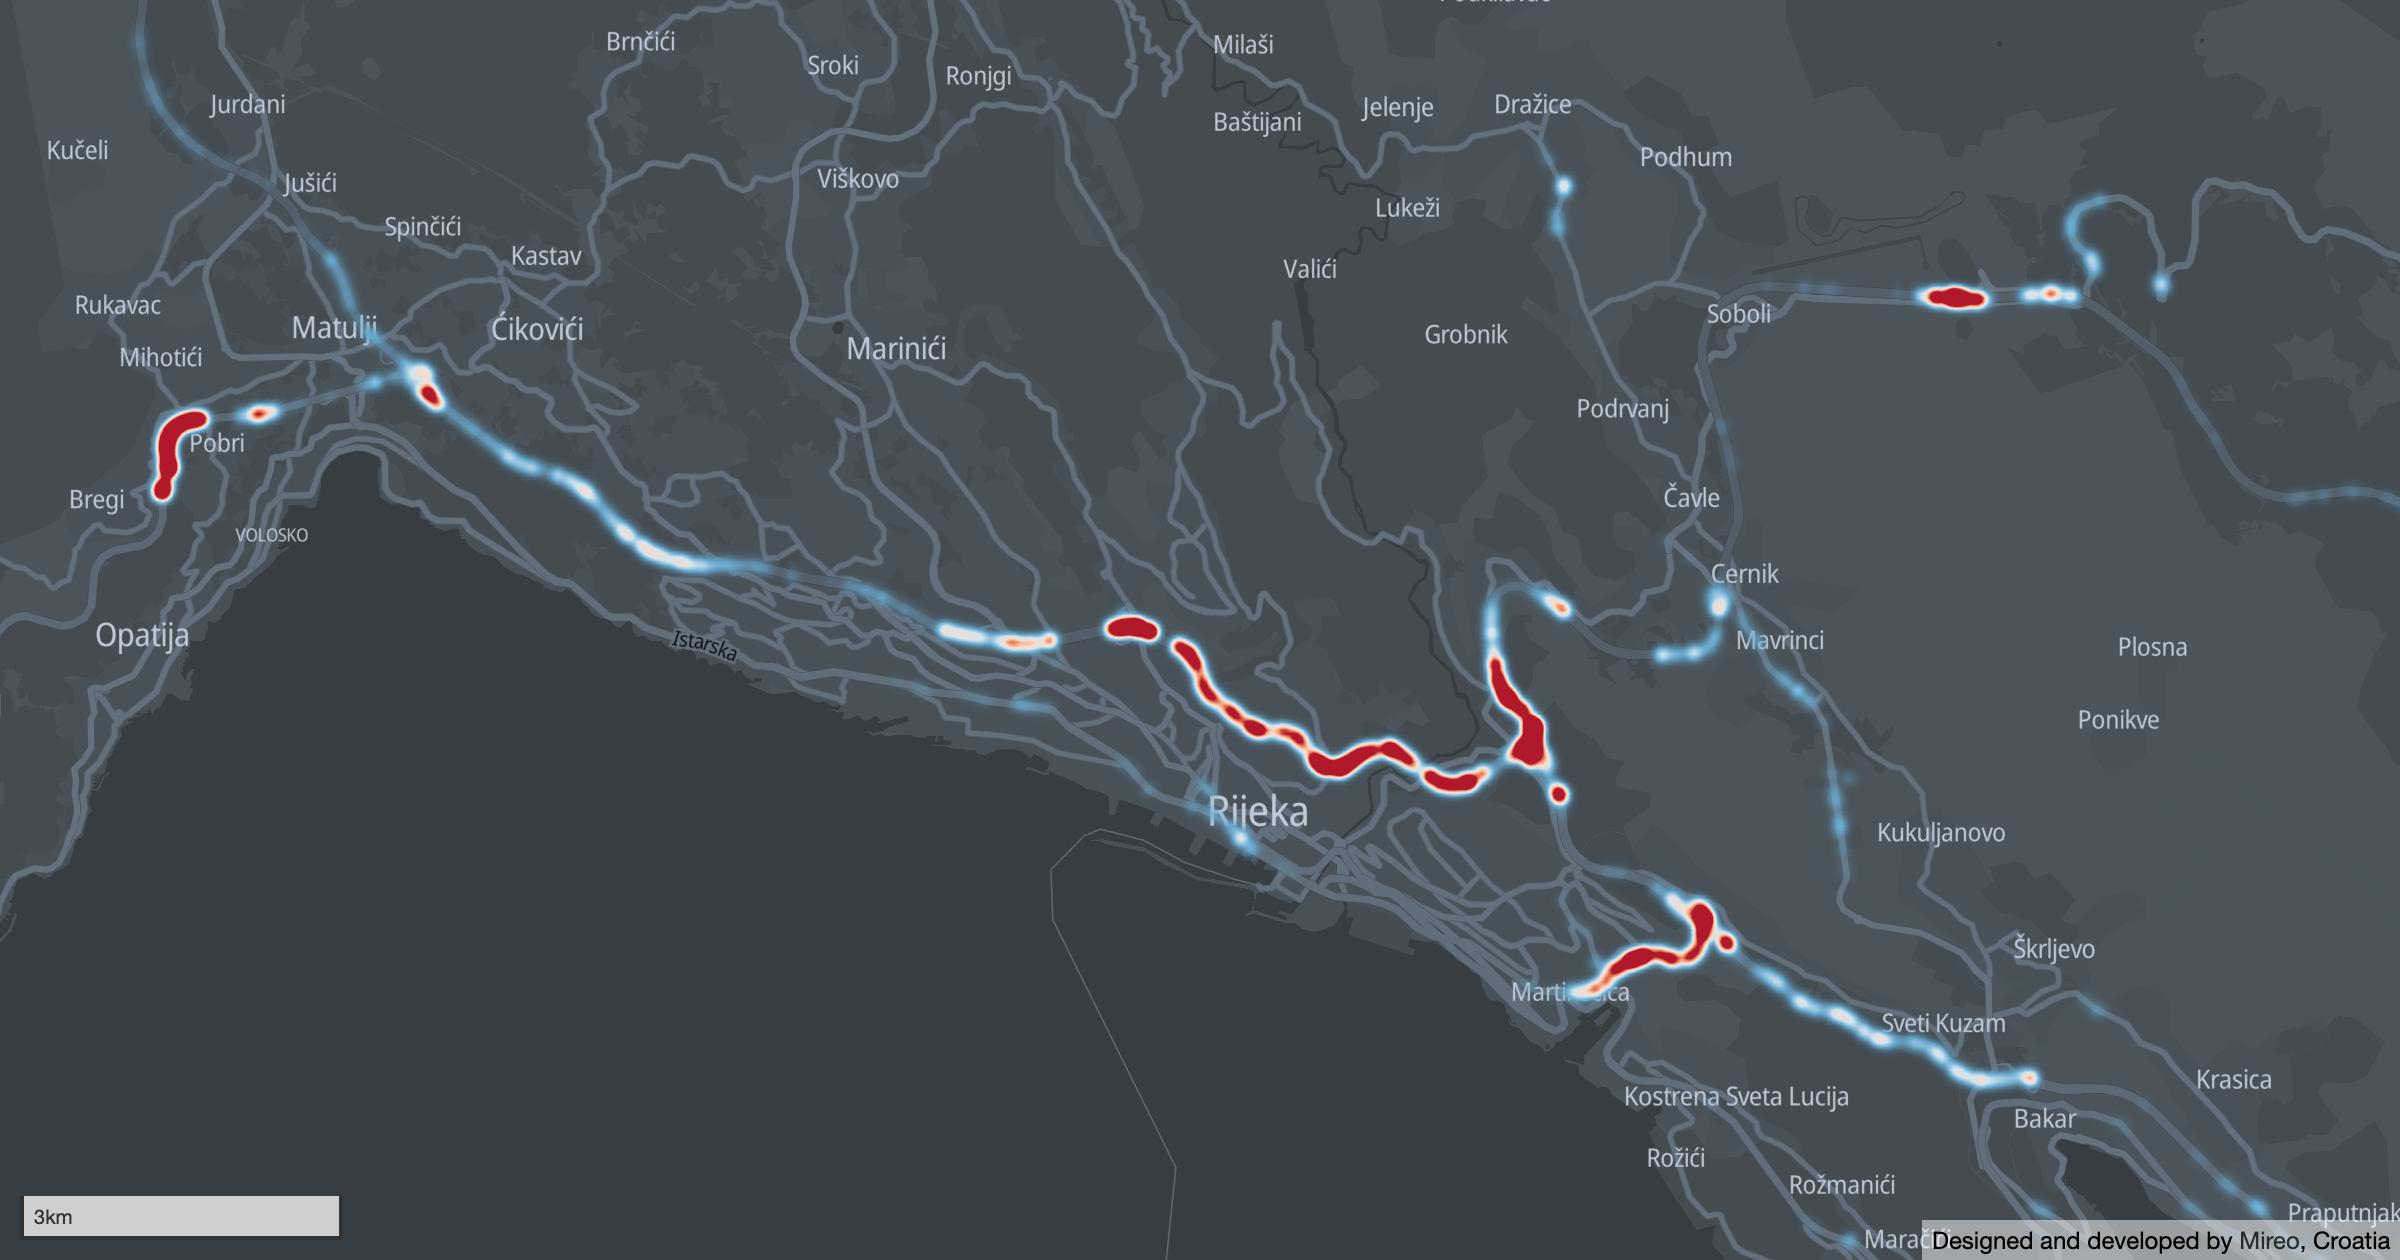 Speeding on Rijeka bypass | Brza vožnja na riječkoj obilaznici